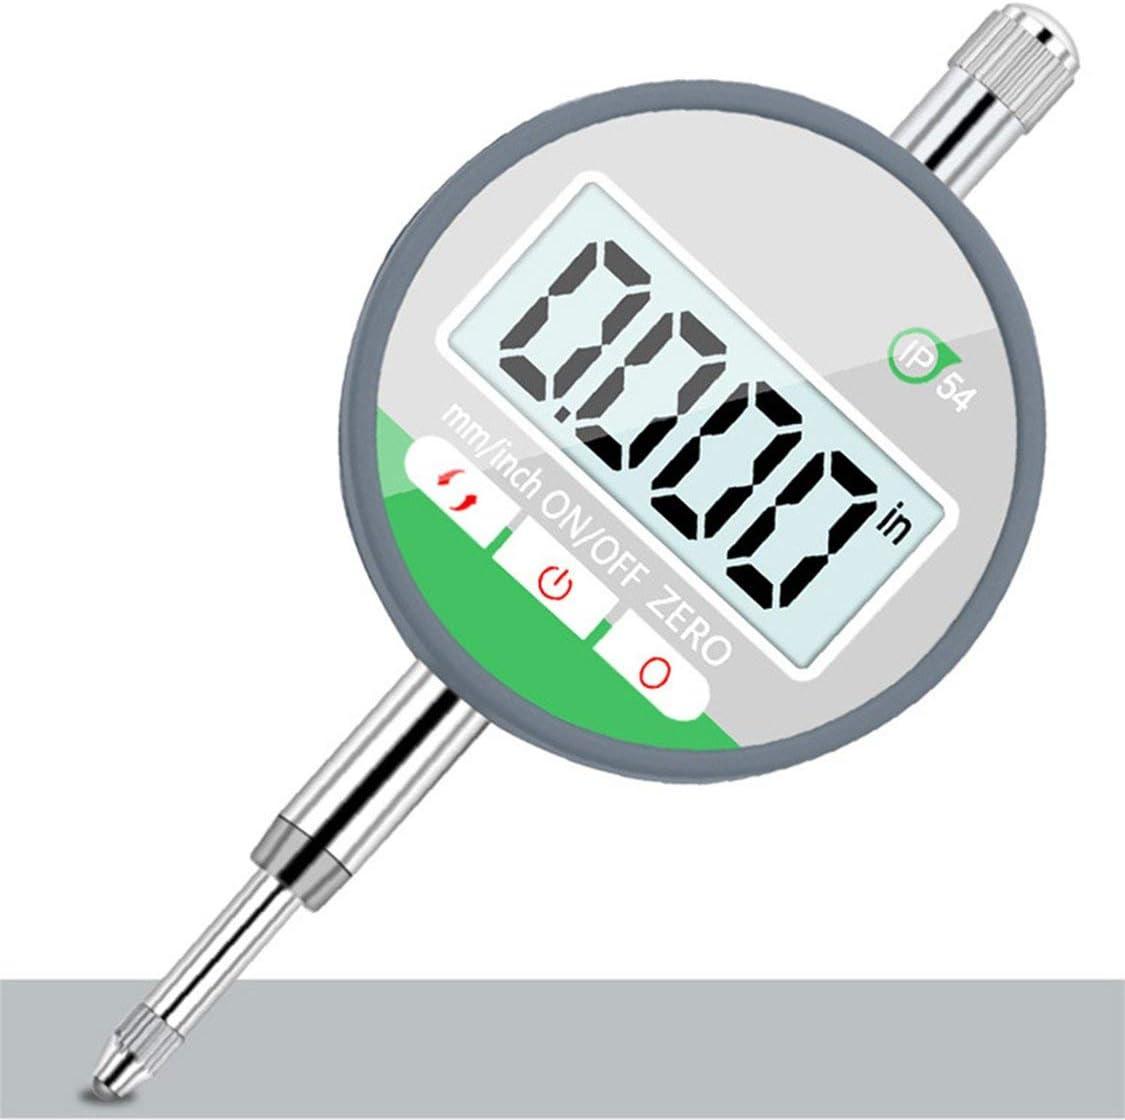 Silber-Schwarz 0,5Pr/äzisions-Messuhr-Messger/ät IP54 /Ölfestes digitales Mikrometer 0,001 mm Elektronisches Mikrometer Metrisch//Zoll 0-12,7 mm